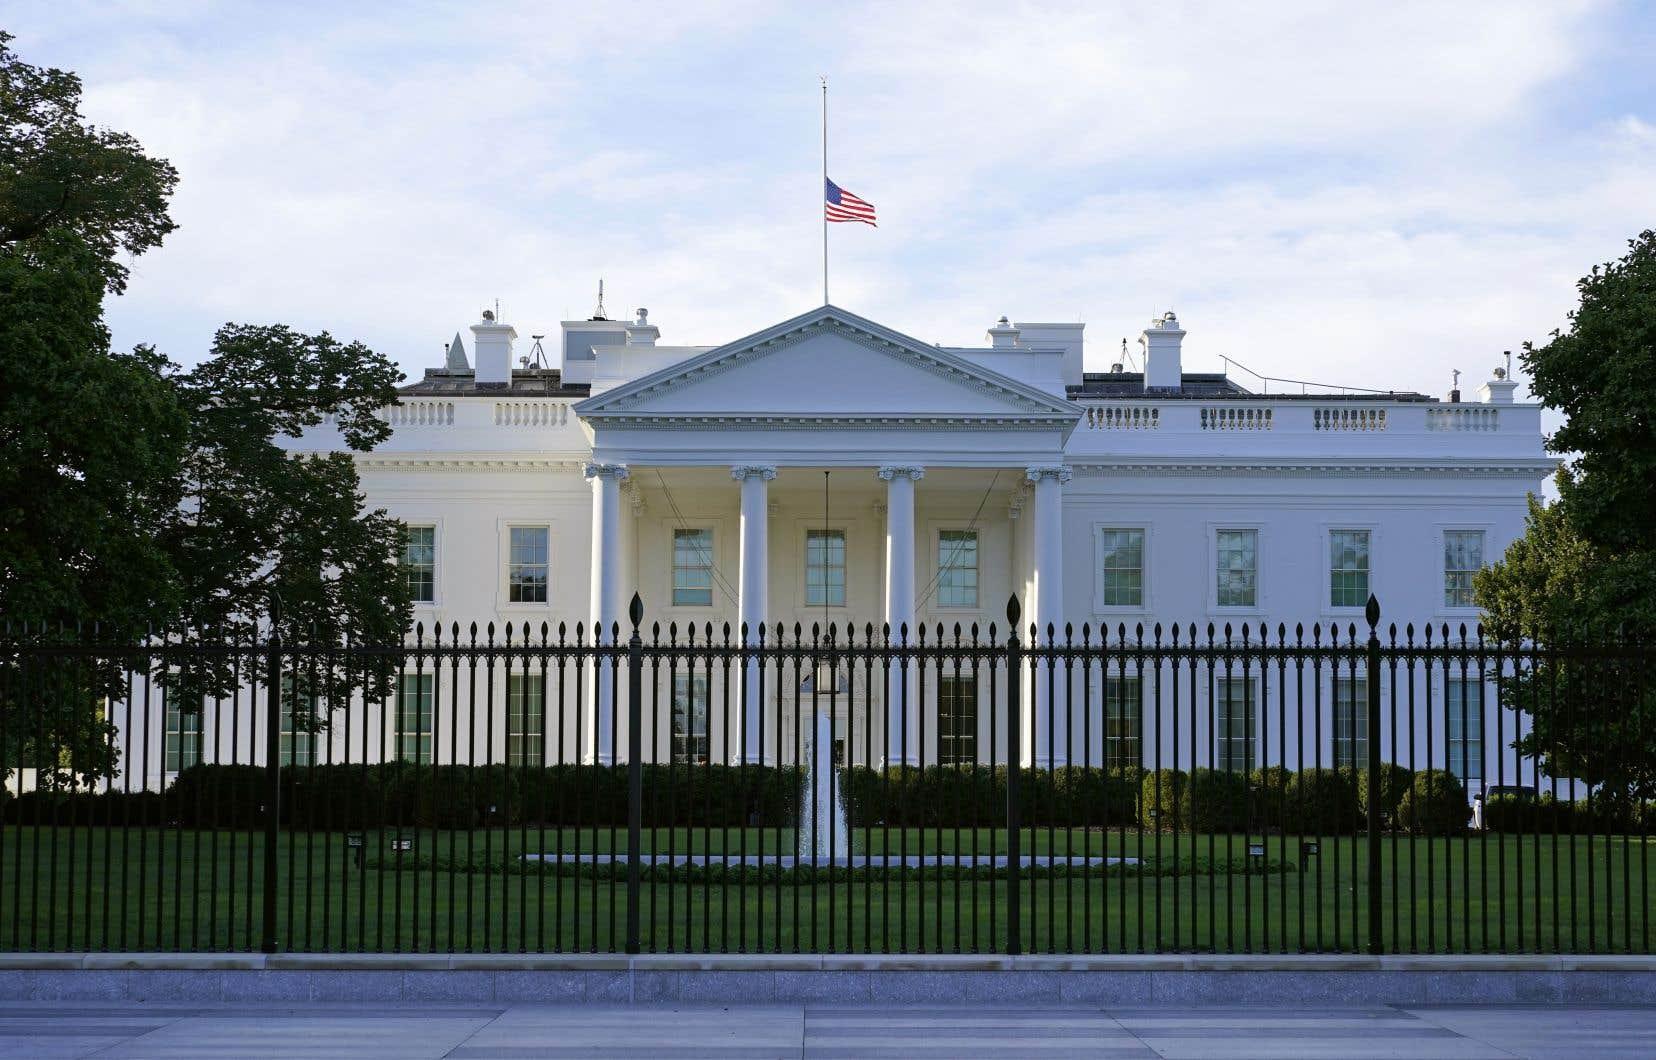 La lettre adressée à la Maison Blanche contenait de la ricine, un puissant poison.